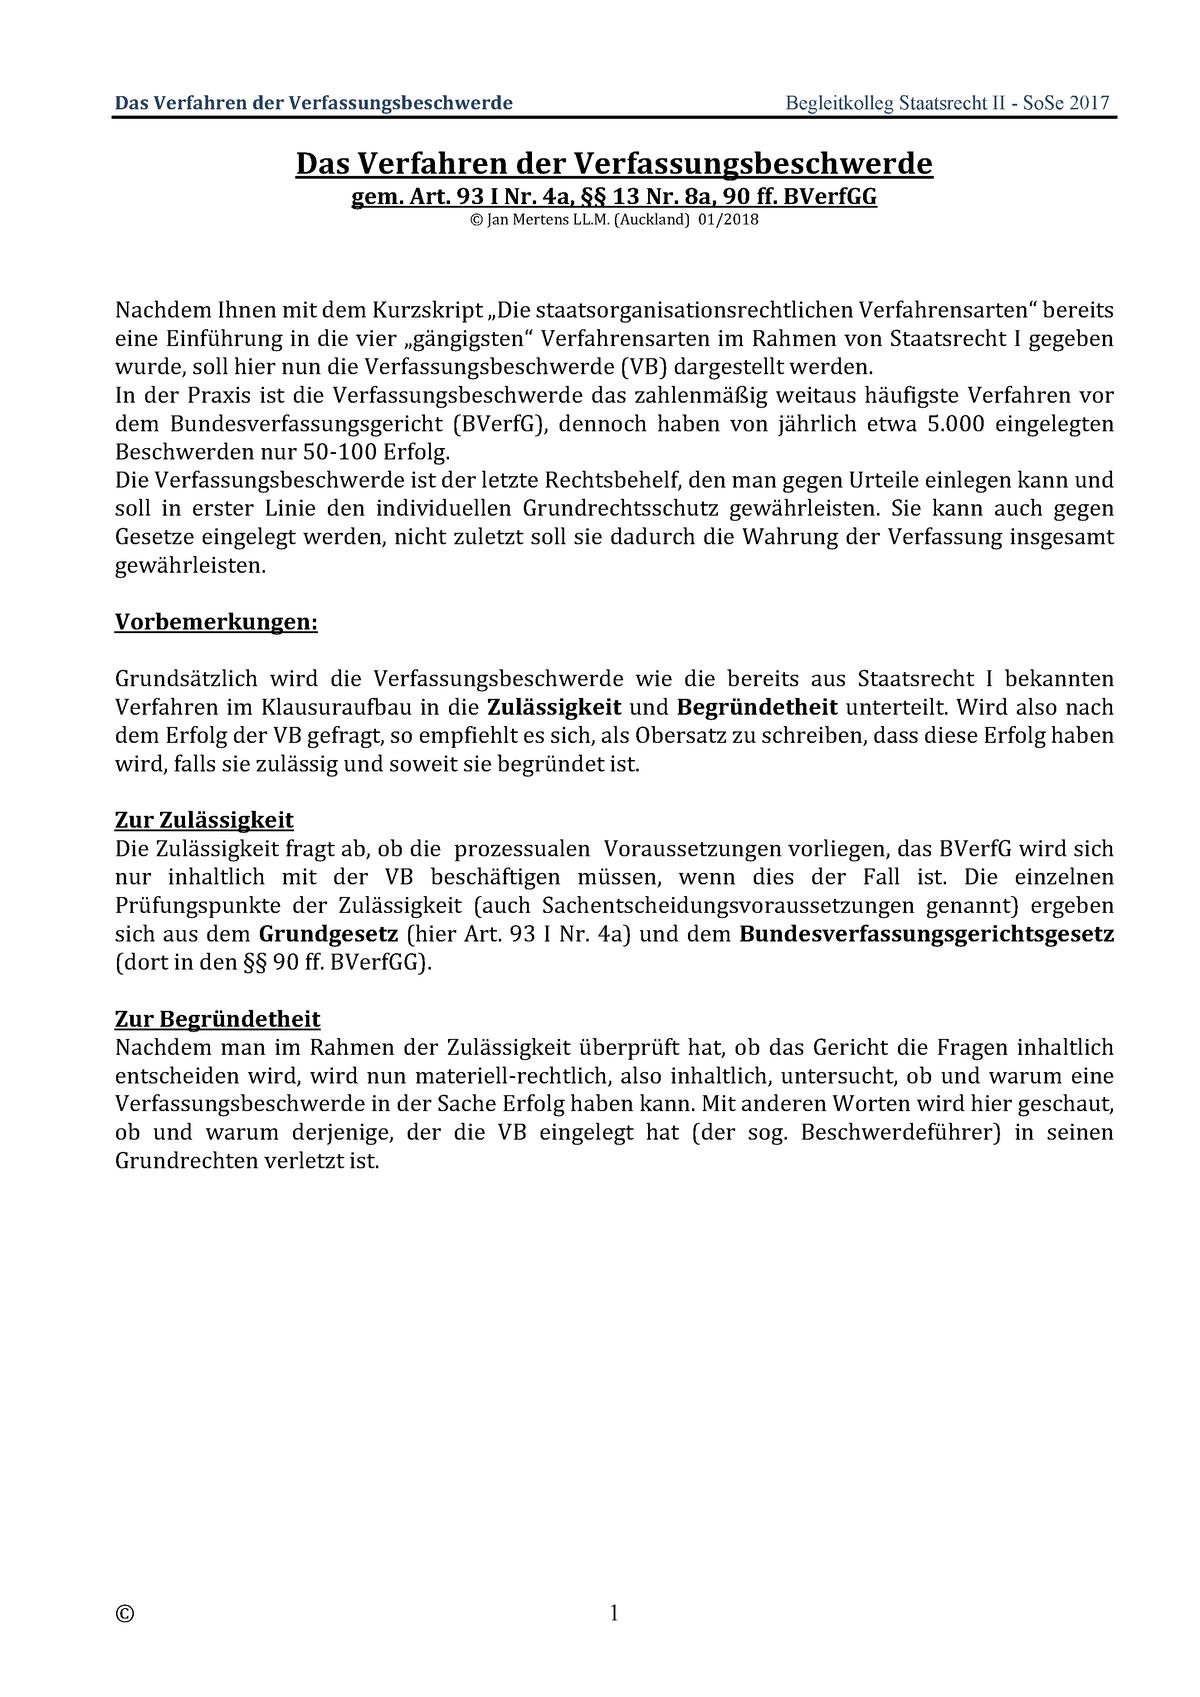 Fdp Legt Verfassungsbeschwerde Gegen Umstrittene